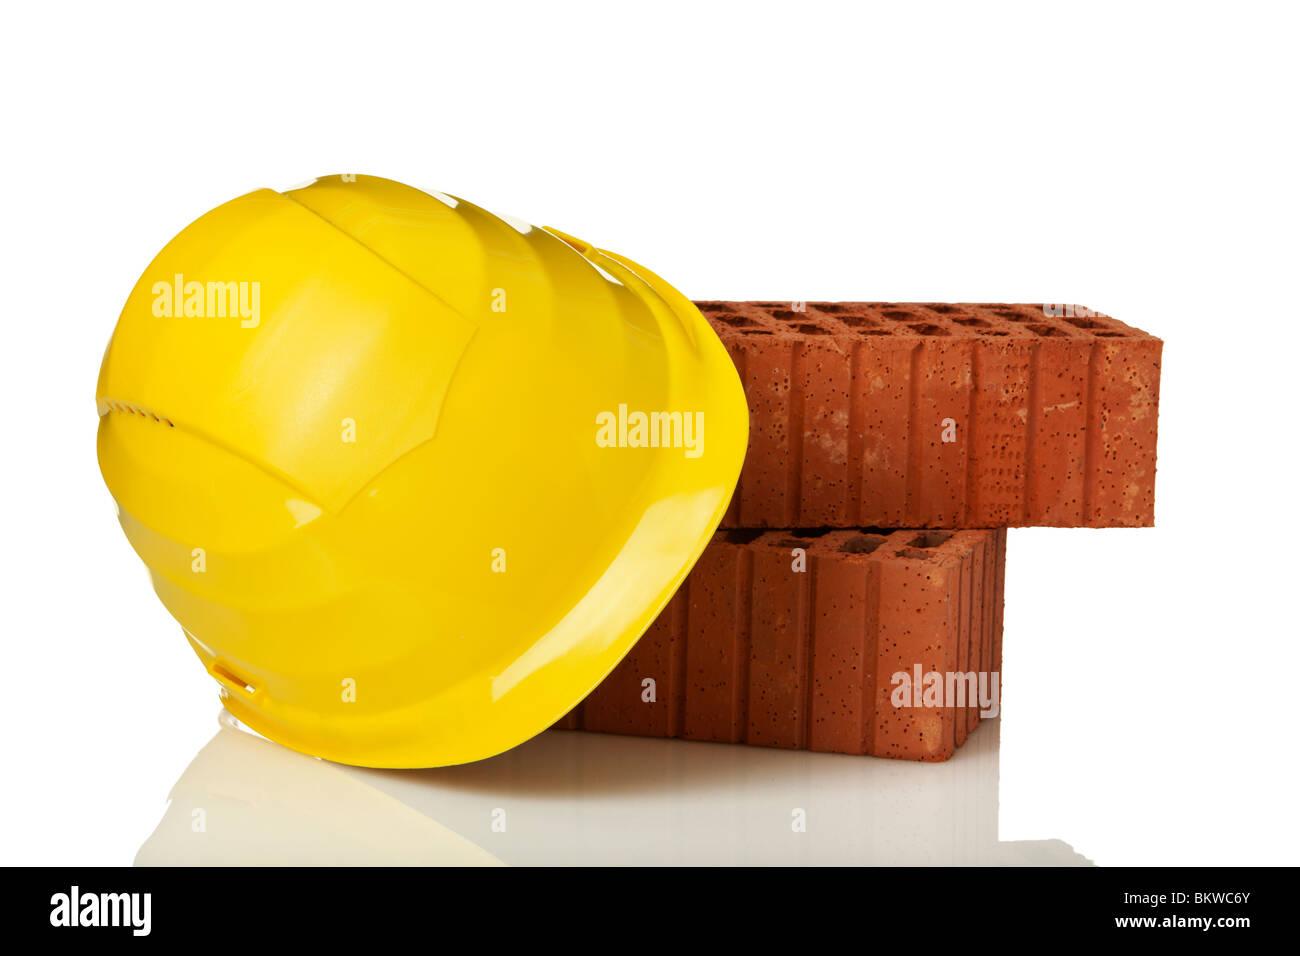 Gelben Bauarbeiterhelm Und Ziegel Auf Weissem Hintergrund Stockfoto